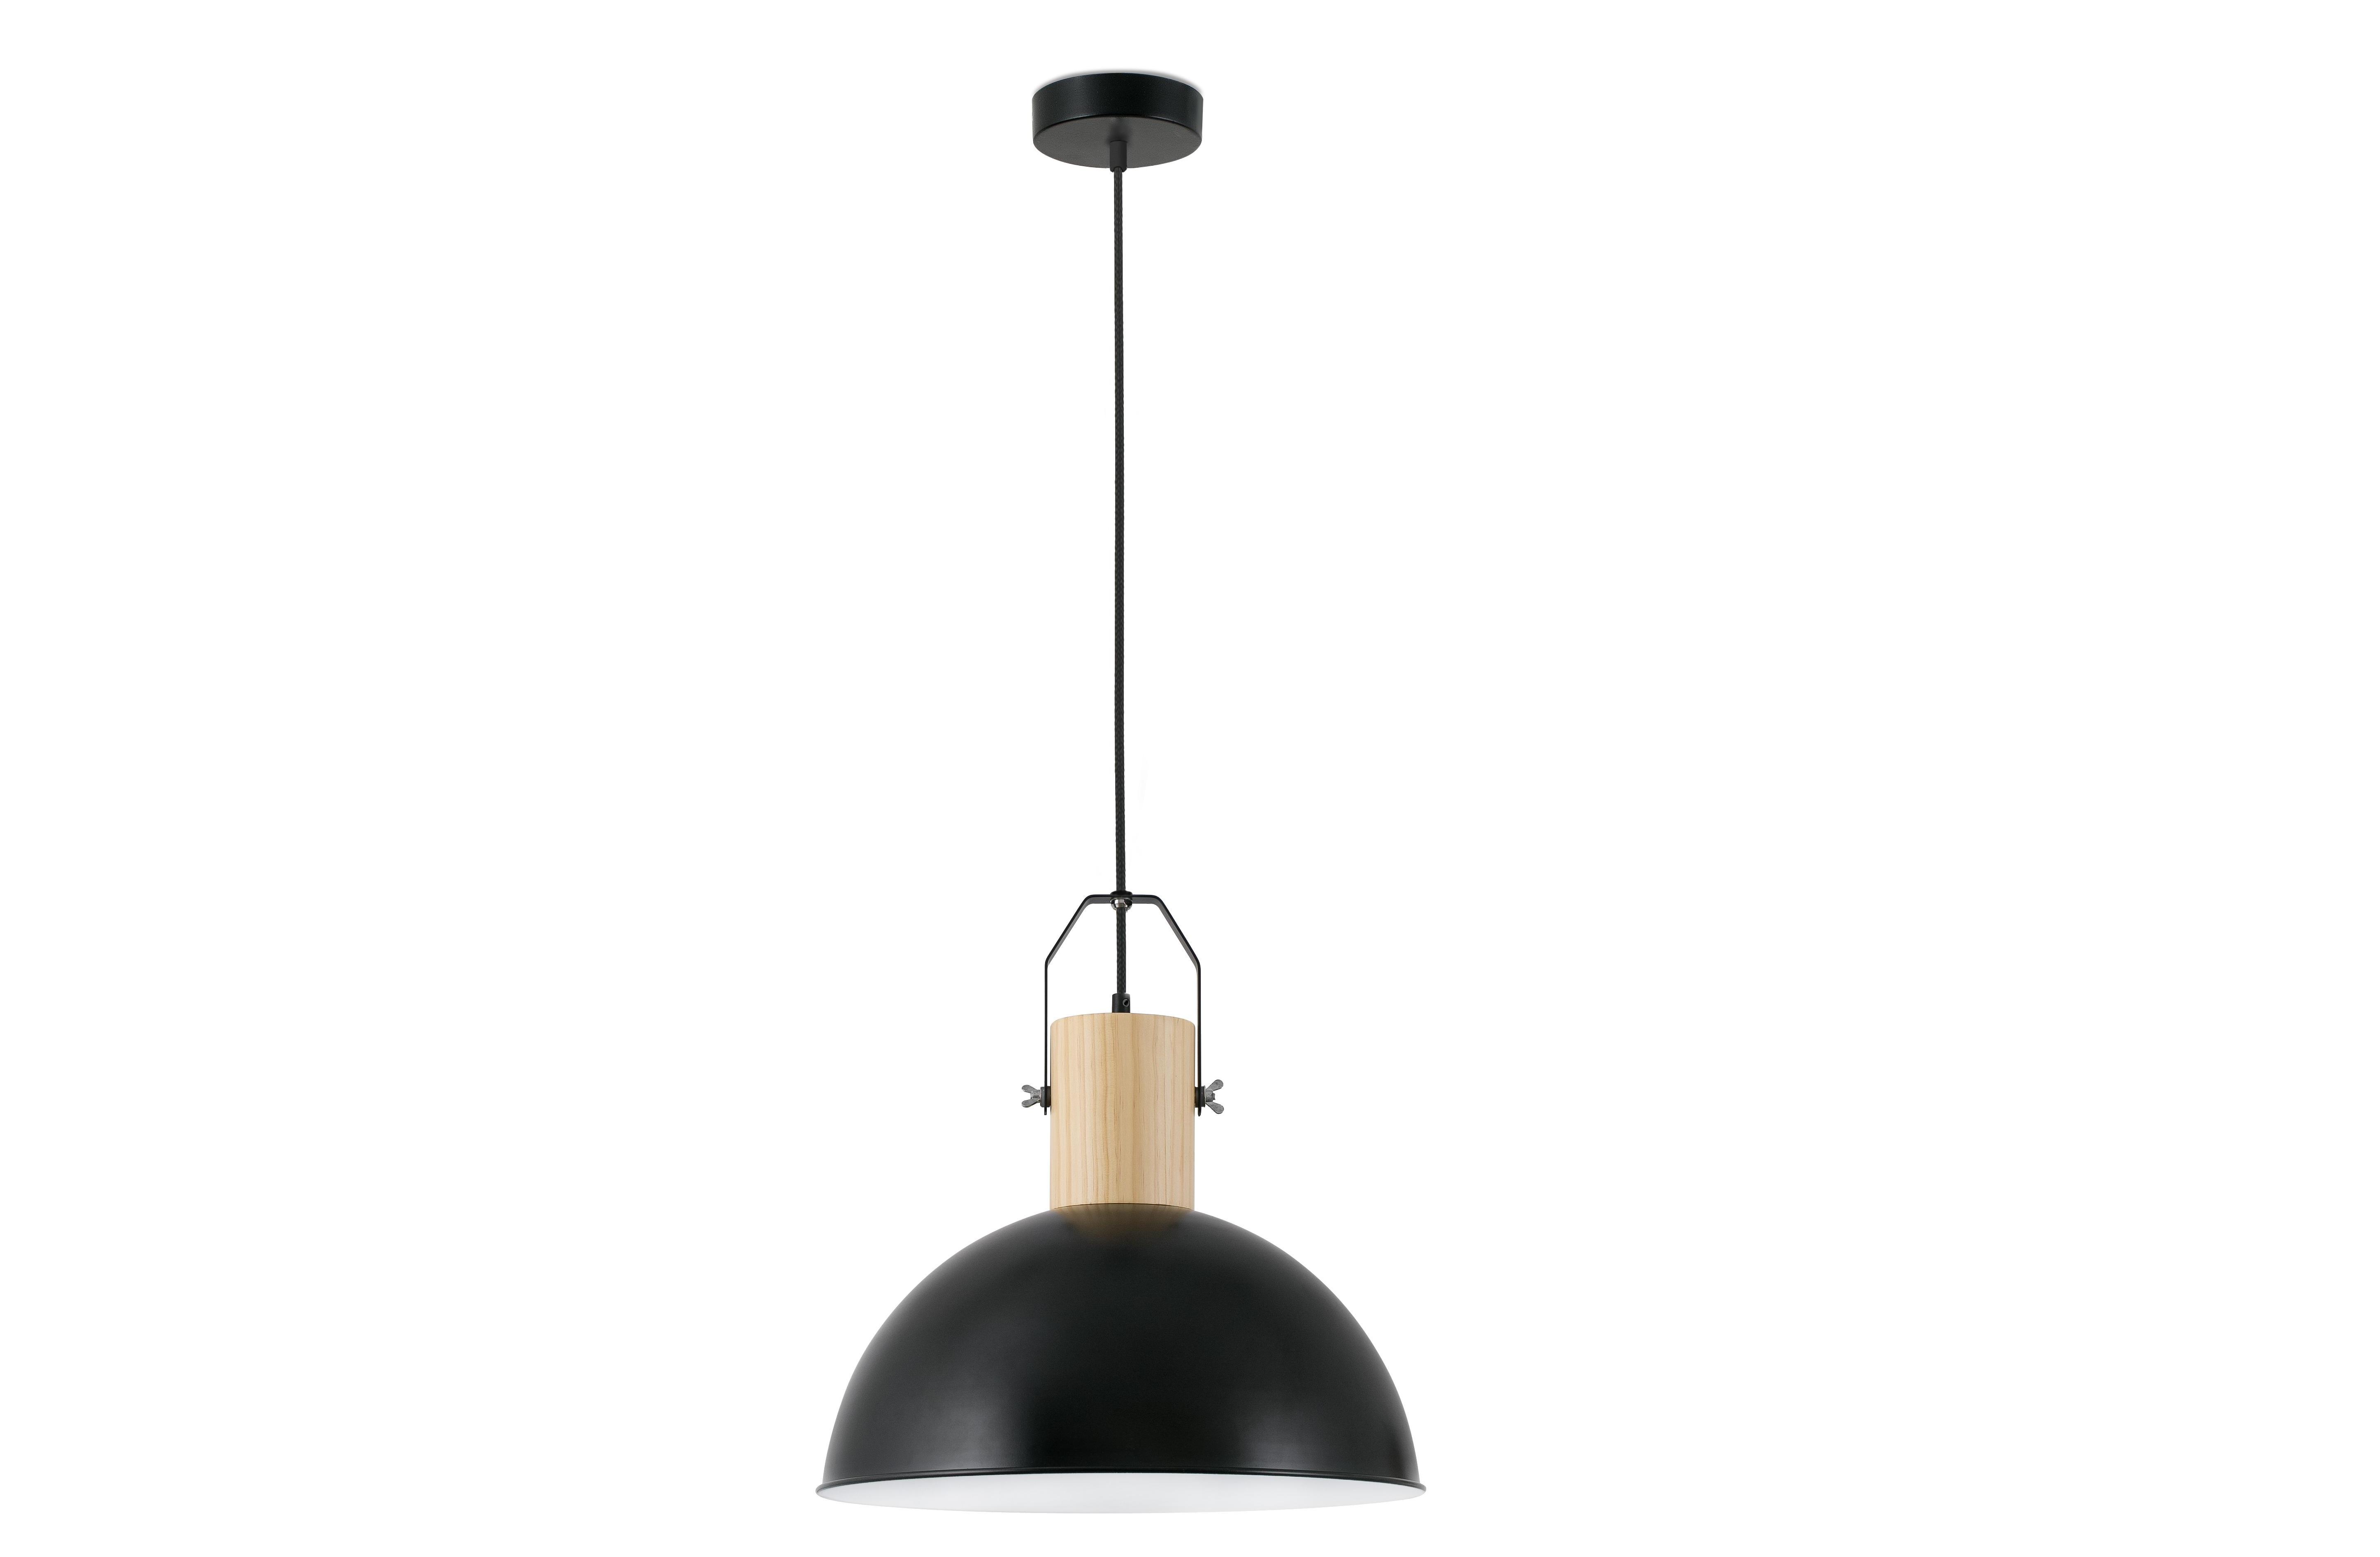 Подвесной светильник MargotПодвесные светильники<br>Margot — подвесной светильник из металла и дерева. Он выполнен в минималистичном стиле. Благодаря наличию деревянной детали подвес привносит уют в помещение, будь то частные апартаменты, ресторан, кафе или модный барбершоп. Подвес достигает в длину 170 сантиметров, идеально подходит для проектов, где площадь позволяет хорошо развернуться. Купив подвес Margot, вы эффектно решите вопрос освещения в лофте или галерее.&amp;lt;div&amp;gt;&amp;lt;br&amp;gt;&amp;lt;/div&amp;gt;&amp;lt;div&amp;gt;&amp;lt;div&amp;gt;Вид цоколя: E27&amp;lt;/div&amp;gt;&amp;lt;div&amp;gt;Мощность лампы: 40W&amp;lt;/div&amp;gt;&amp;lt;div&amp;gt;Количество ламп: 1&amp;lt;/div&amp;gt;&amp;lt;/div&amp;gt;&amp;lt;div&amp;gt;Лампочка не идёт в комплекте.&amp;lt;br&amp;gt;&amp;lt;/div&amp;gt;&amp;lt;div&amp;gt;Светильник совместим с LED-технологией.&amp;lt;br&amp;gt;&amp;lt;/div&amp;gt;<br><br>Material: Металл<br>Height см: 170<br>Diameter см: 41,5